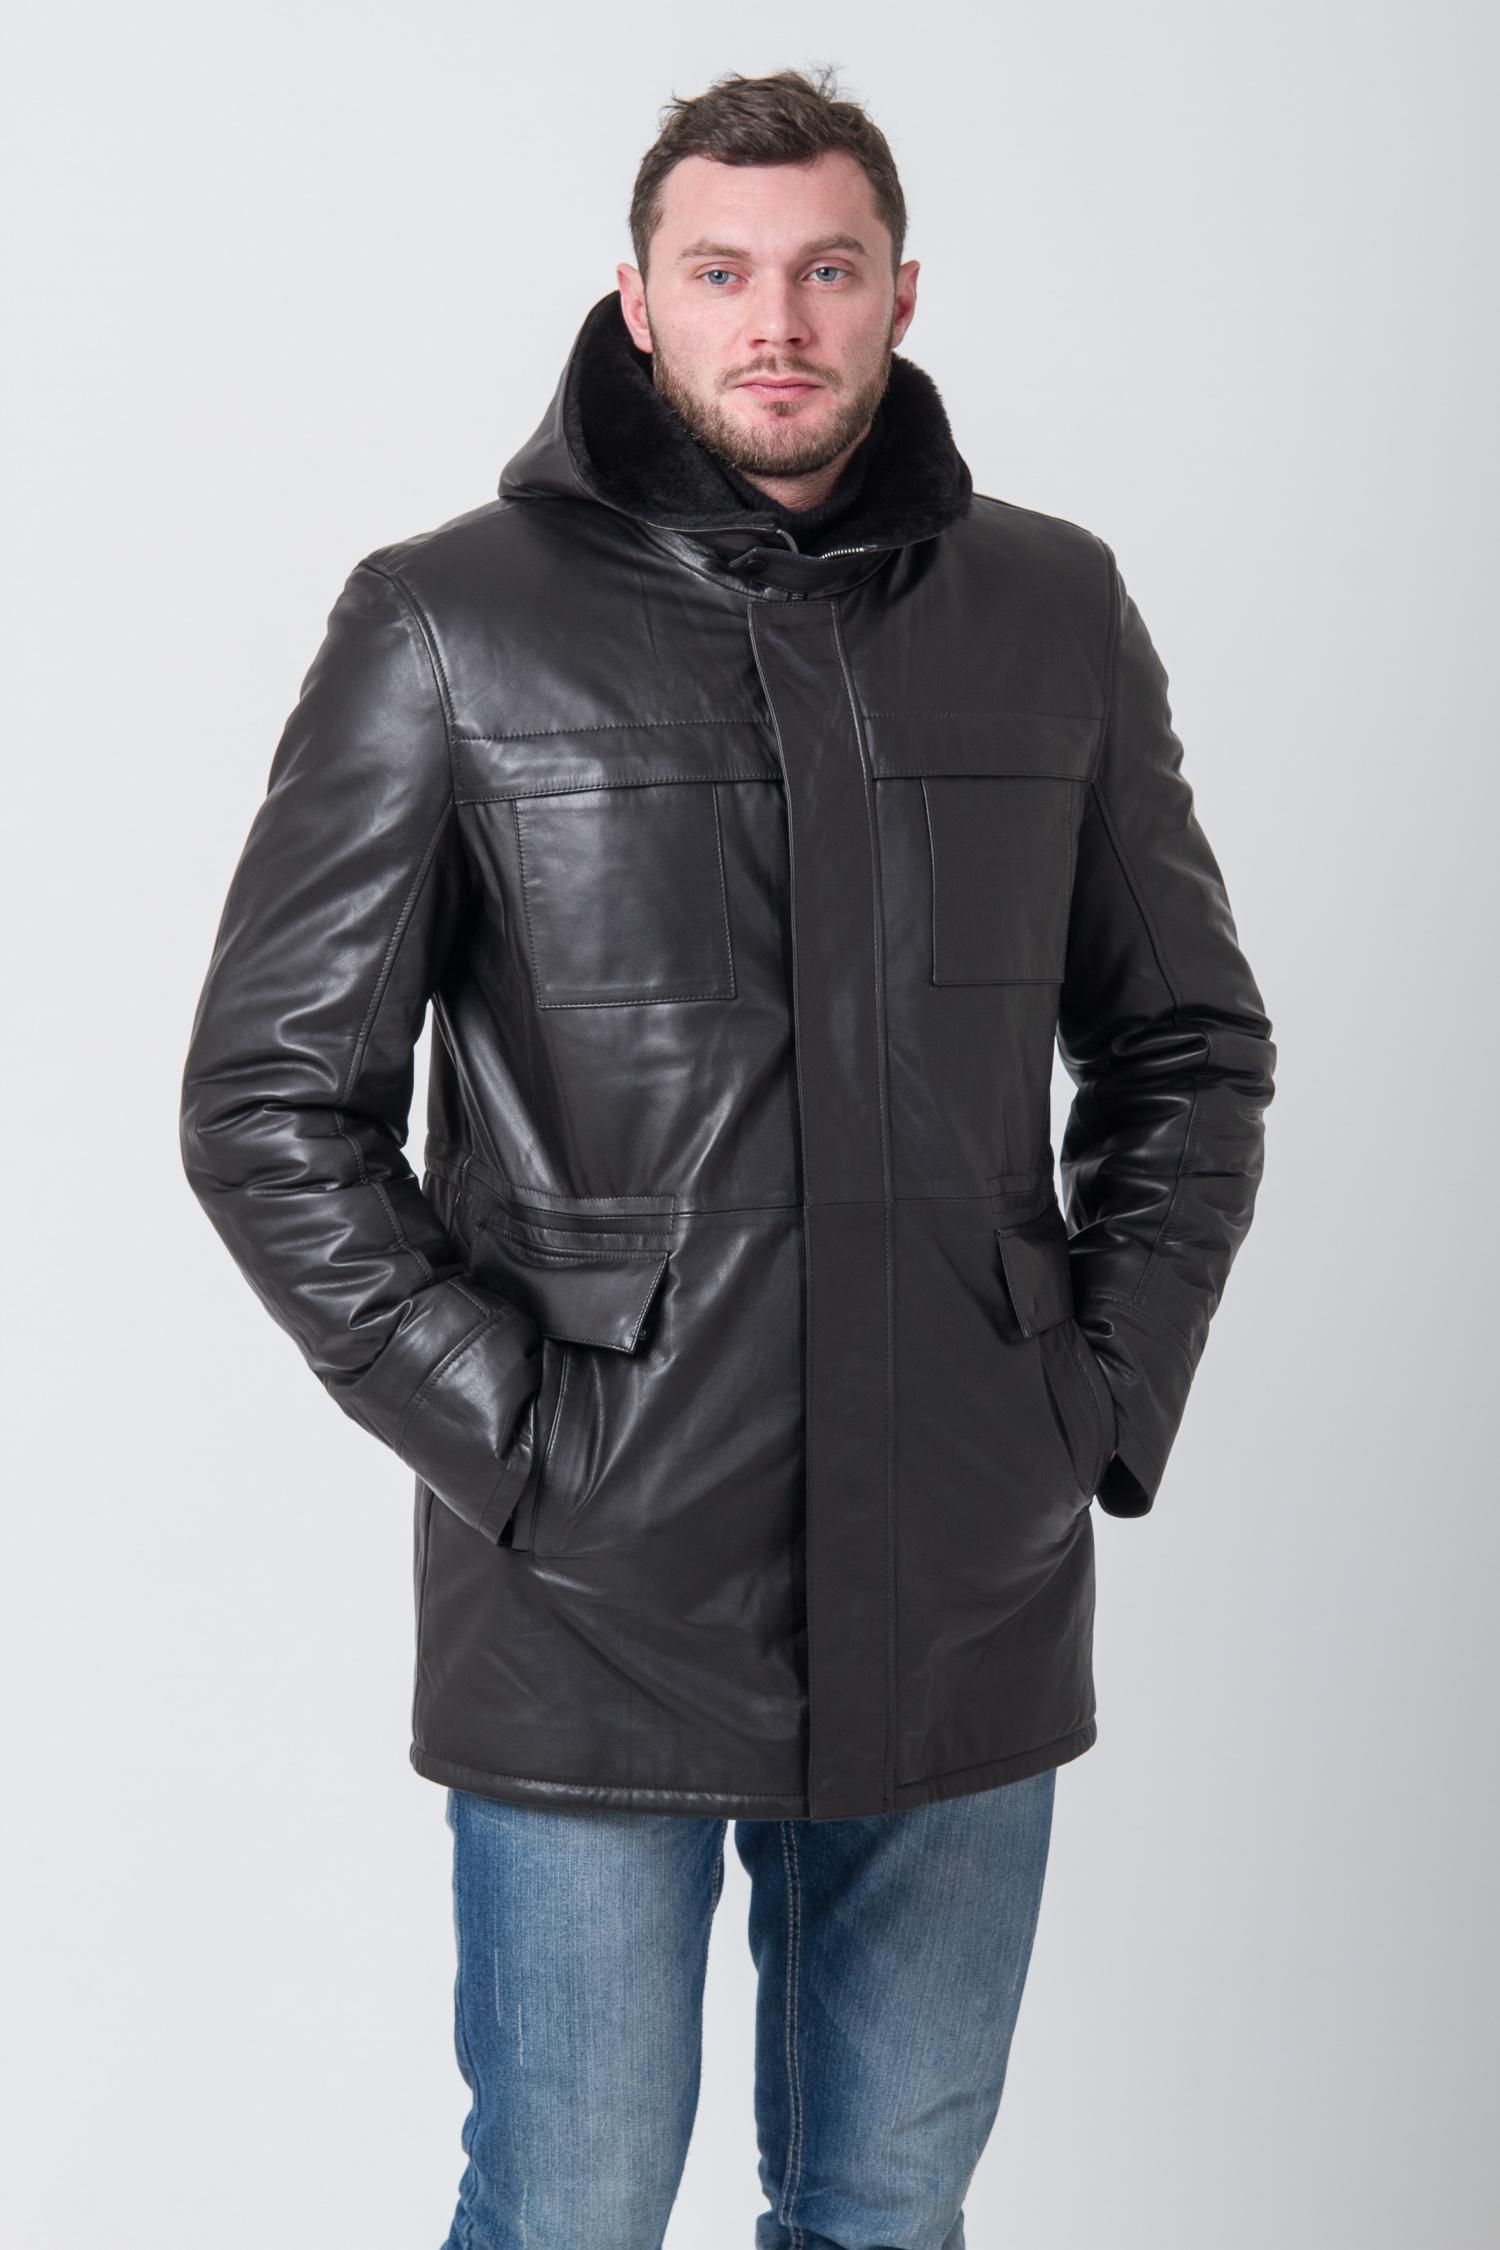 Мужская кожаная куртка из натуральной кожи на меху с капюшоном, без отделки<br><br>Воротник: капюшон<br>Длина см: Средняя (75-89 )<br>Материал: Кожа овчина<br>Цвет: черный<br>Вид застежки: центральная<br>Застежка: на молнии<br>Пол: Мужской<br>Размер RU: 58